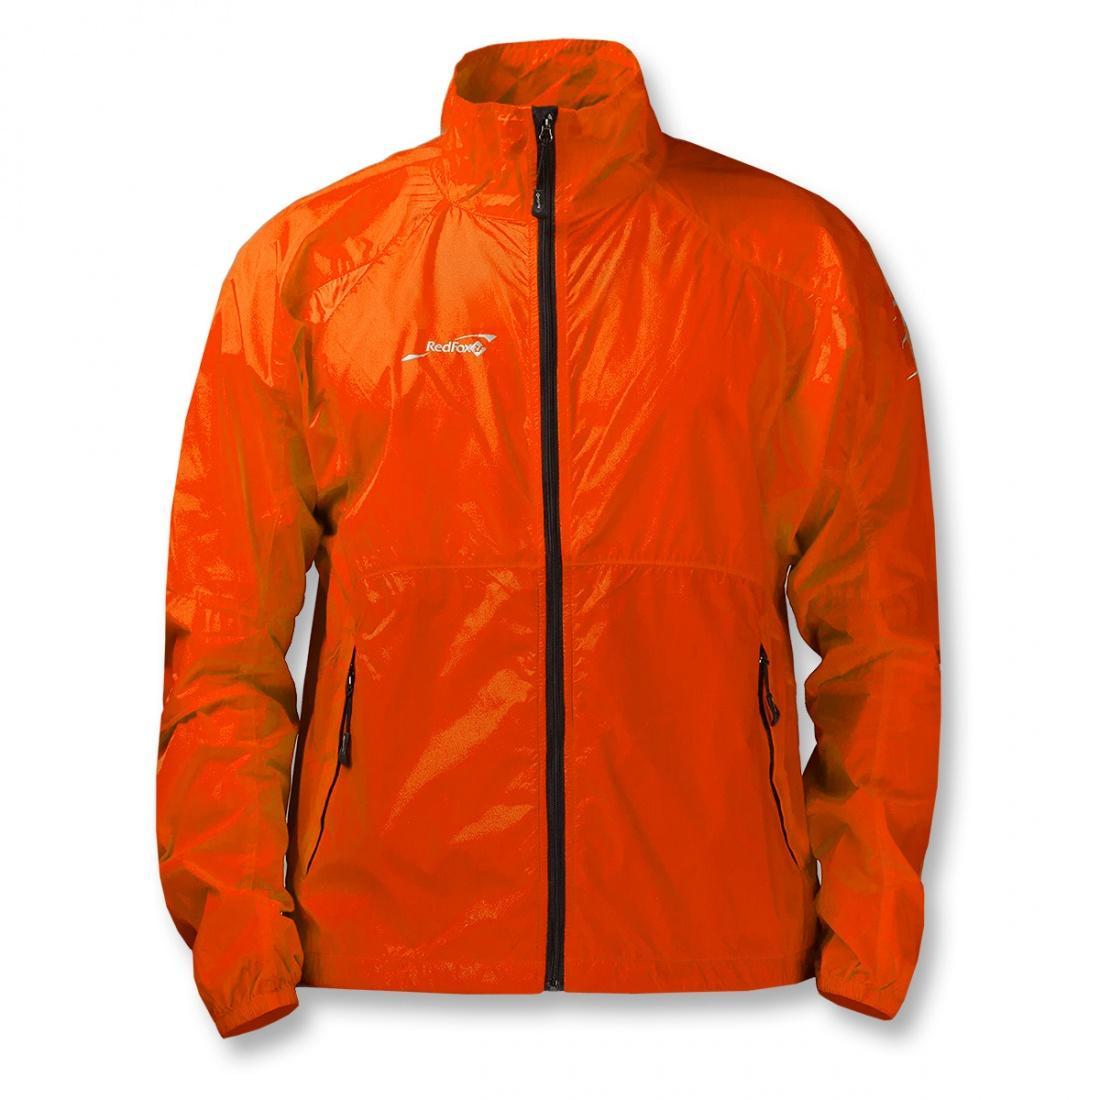 Куртка ветрозащитная Trek Light IIКуртки<br><br> Очень легкая куртка для мультиспортсменов. Отлично сочетает в себе функции защиты от ветра и максимальной свободы движений. Куртку мож...<br><br>Цвет: Оранжевый<br>Размер: 50